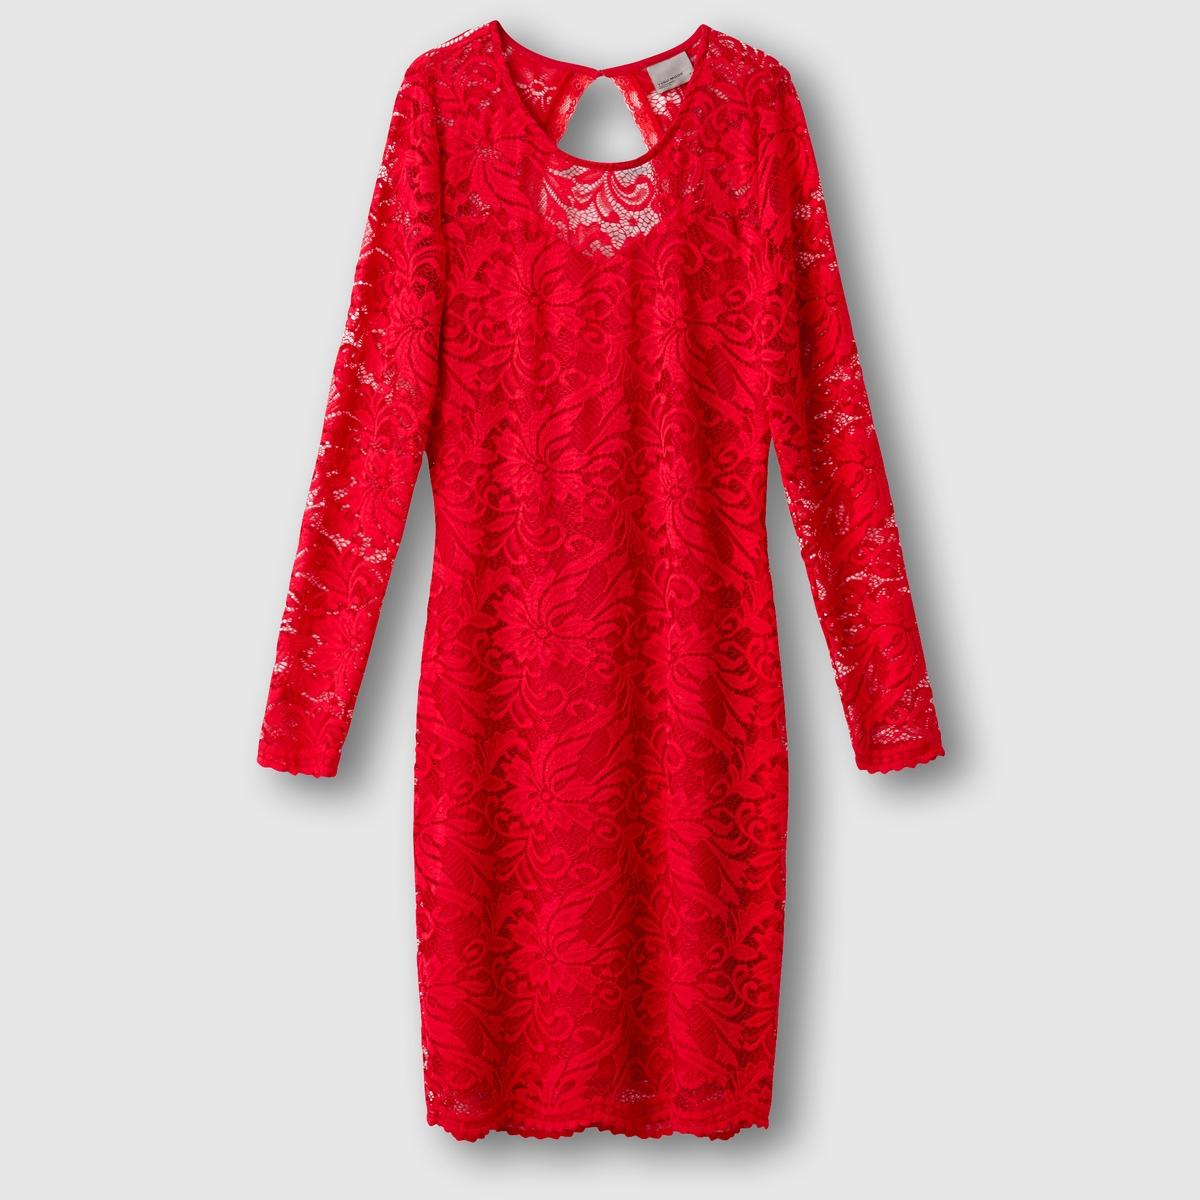 Платье с длинными рукавамиСостав &amp; ДеталиМатериал        90% Нейлона®, 10% эластана      Марка        VERO MODA               Уход     Следуйте рекомендациям по уходу, указанным на этикетке изделия.<br><br>Цвет: красный<br>Размер: XL.M